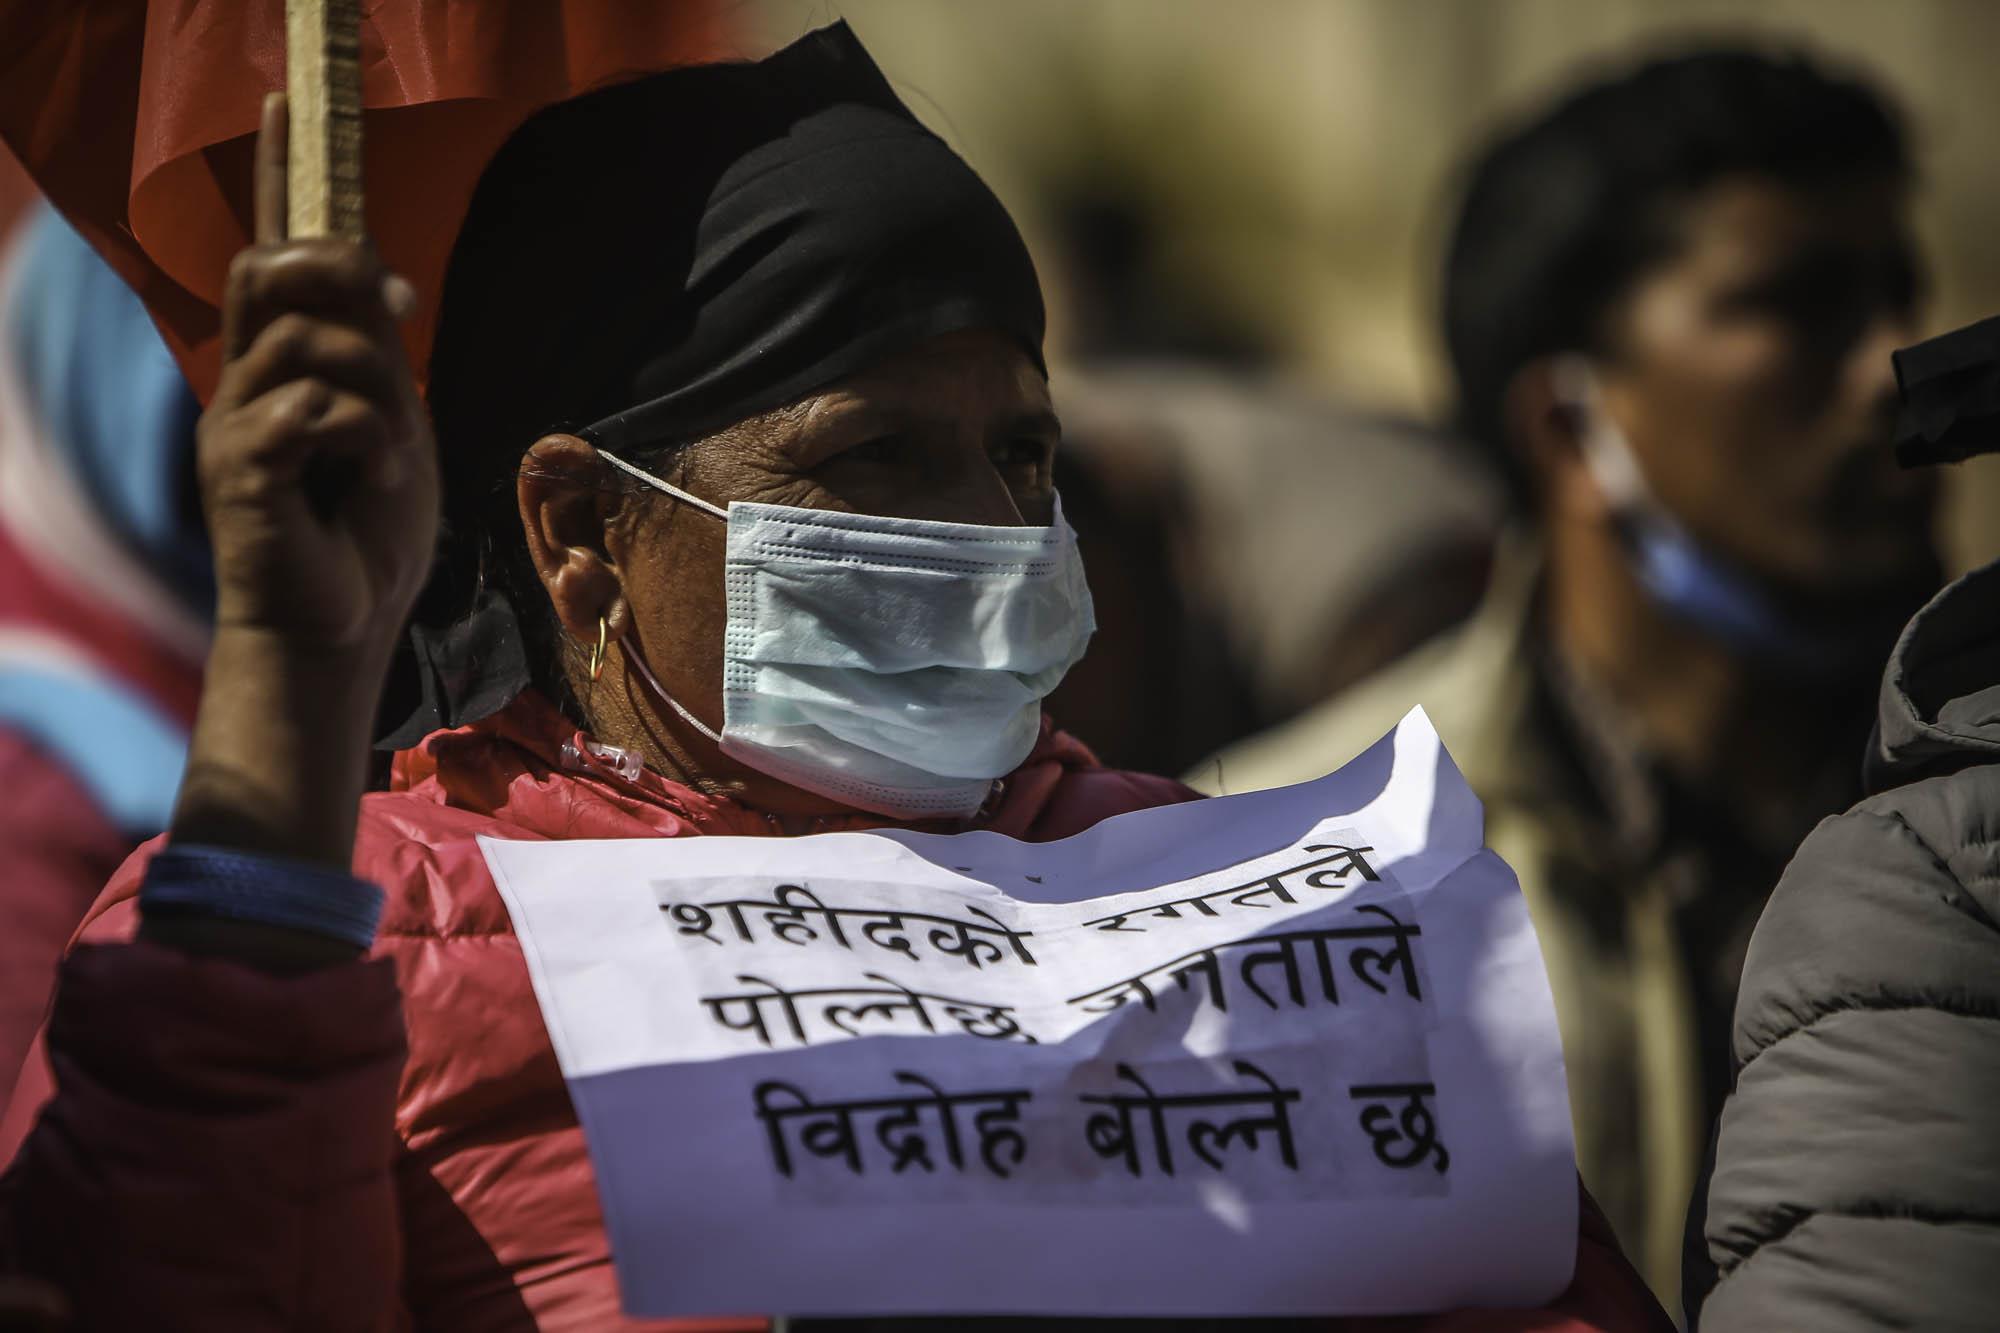 प्रतिनिधिसभा विघटनविरुद्ध शहीद र बेपत्ता परिवारको प्रदर्शन (फोटो फिचर)